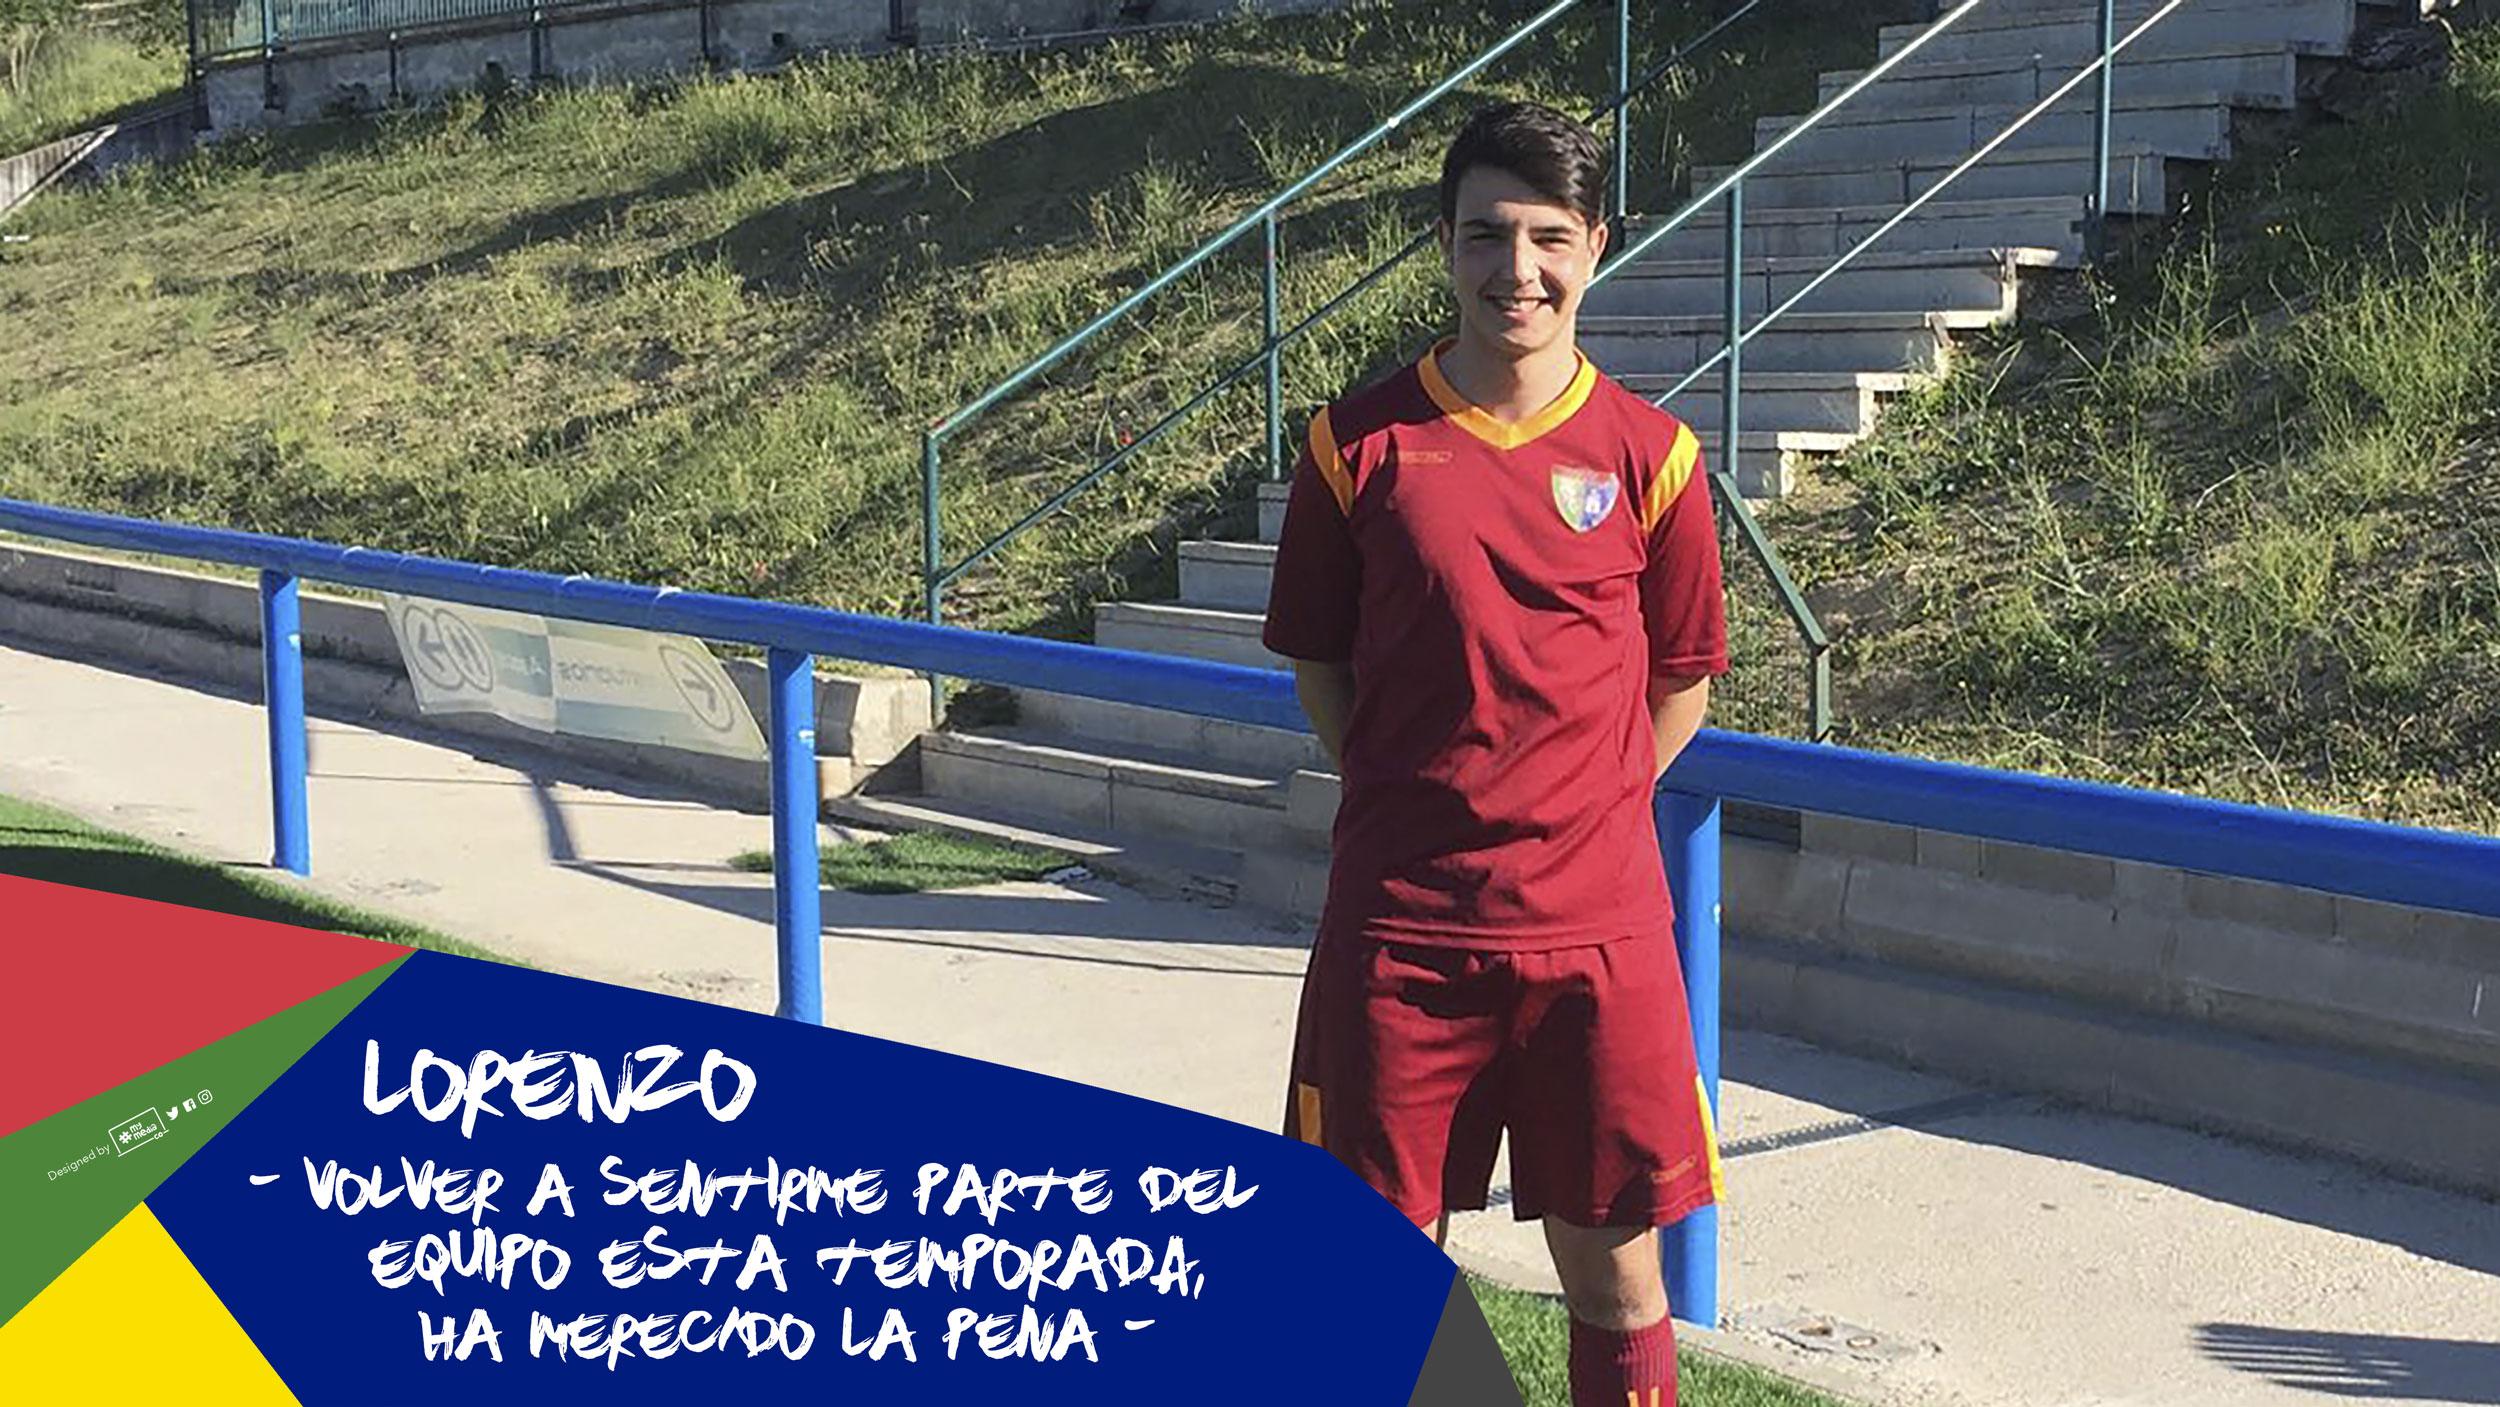 """Lorenzo: """"Volver a sentirme parte del equipo esta temporada, ha merecido la pena"""""""